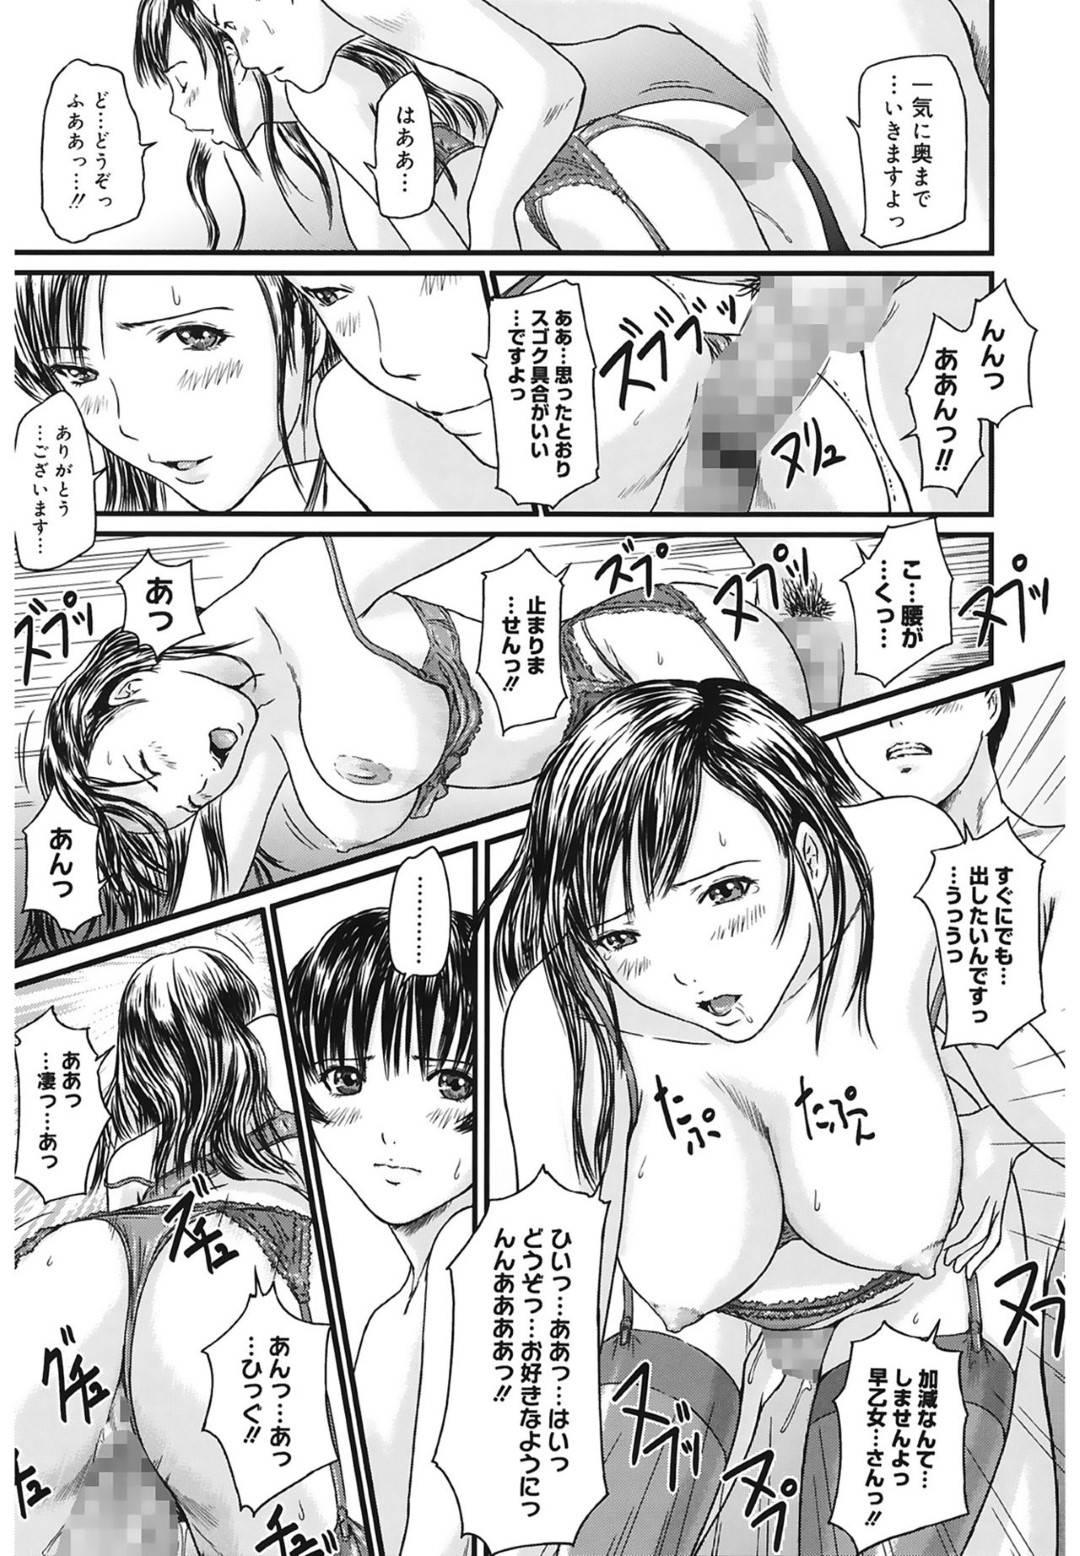 【エロ漫画】【エロ漫画】クレーム処理班のOL聡美と早乙女…上司に連れられてクレームがあった会社に行くが、そこで行われていたのは若い女子社員の身体を使ってのクレーム処理でフェラヌキから果ては生挿入の中出しまでされて快楽堕ちセックス【Kisaragi Gunma:実践クレーム対応マニュアル】